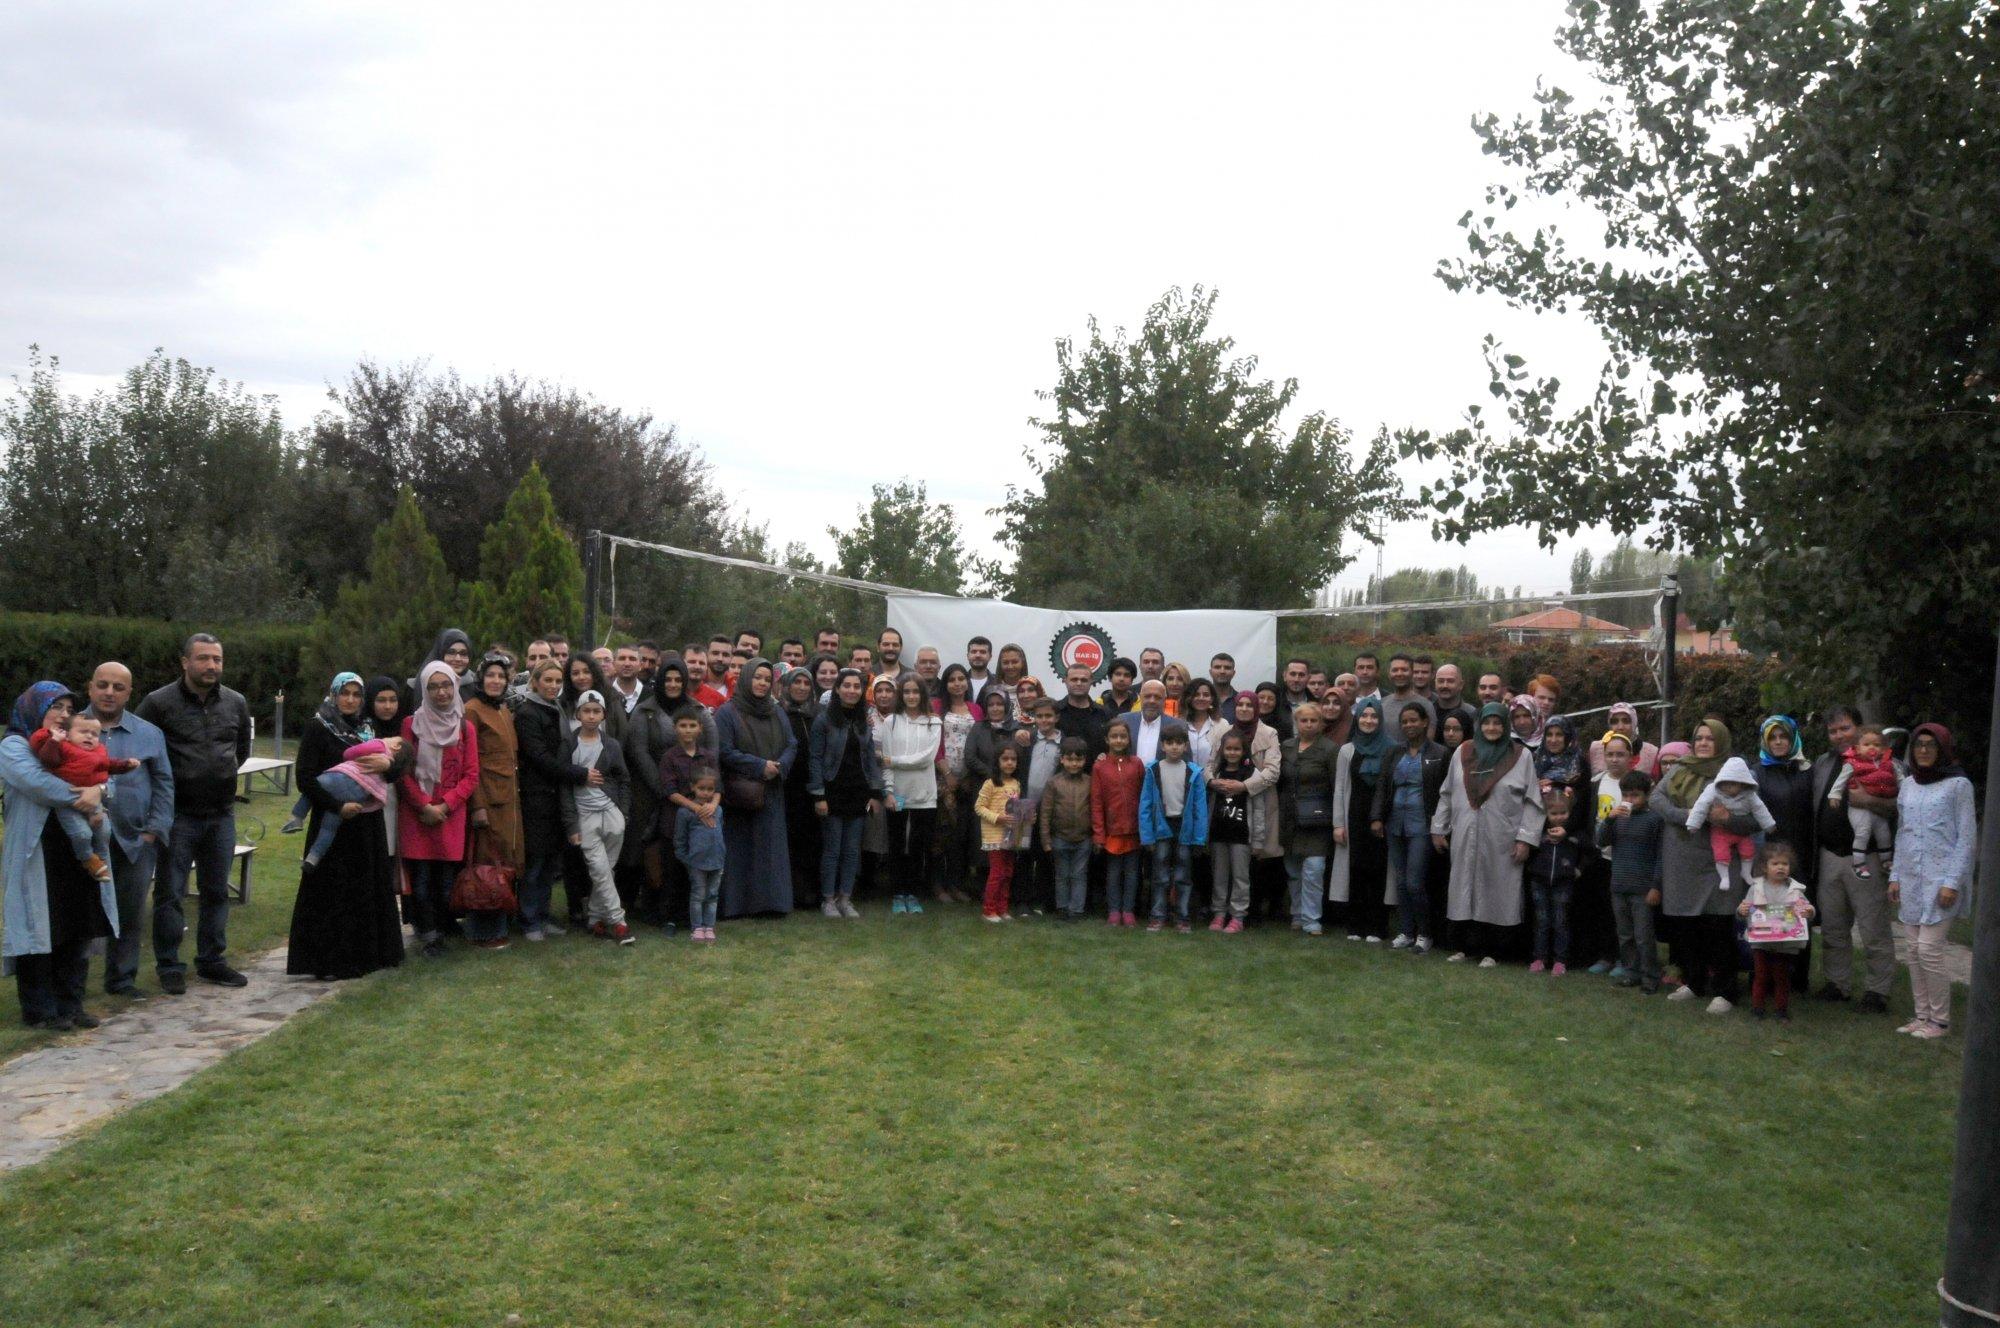 ARSLAN, HAK-İŞ AİLE PİKNİĞİNE KATILDI